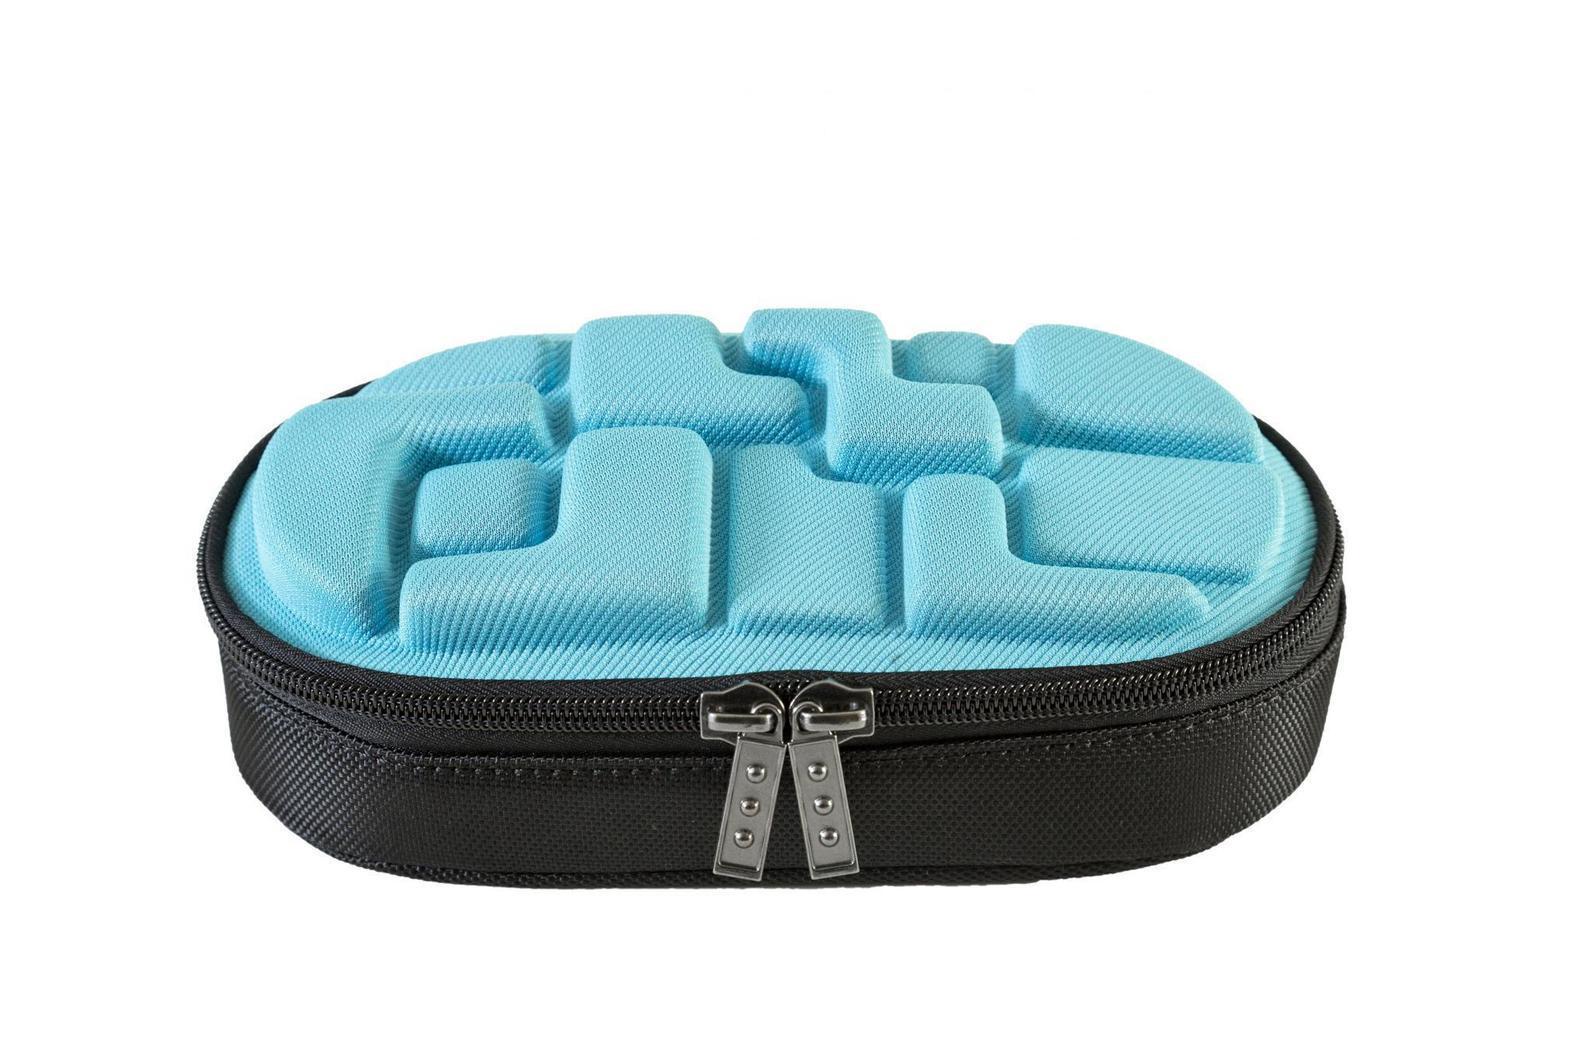 Пенал MadPax LedLox Pencil Case, цвет: голубой72523WDПенал школьный прямоугольный, на молнии, с одним отделением, без наполнения. Стильное оформление в виде кубических форм, прекрасно подходит к рюкзакам коллекции Blok. Необходимый и модный аксессуар для школьников, стремящихся быть оригинальными и неповторимыми.